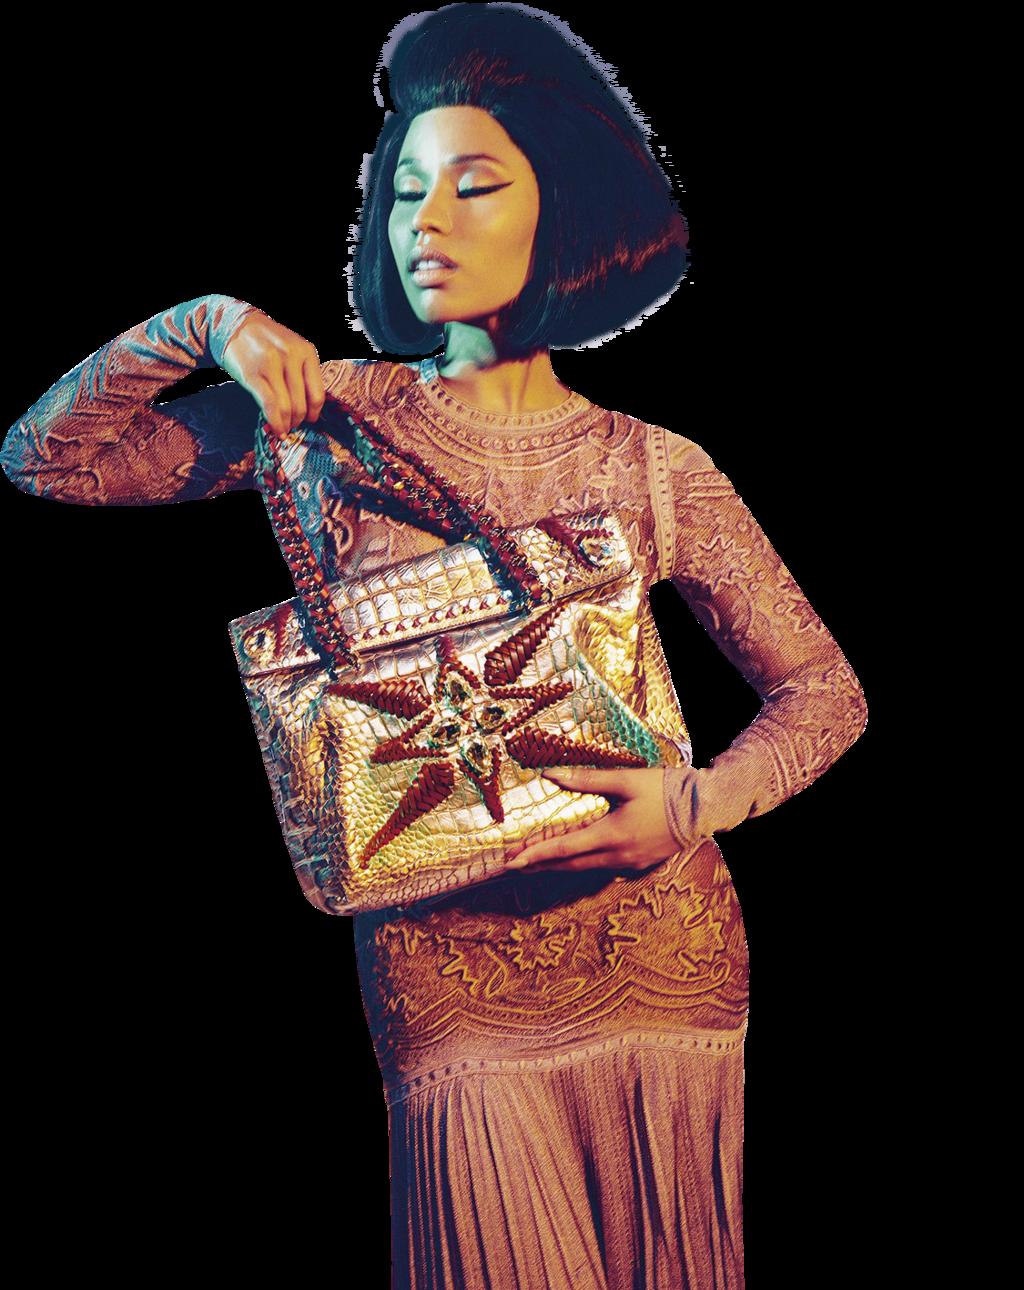 Nicki Minaj clipart #7, Download drawings